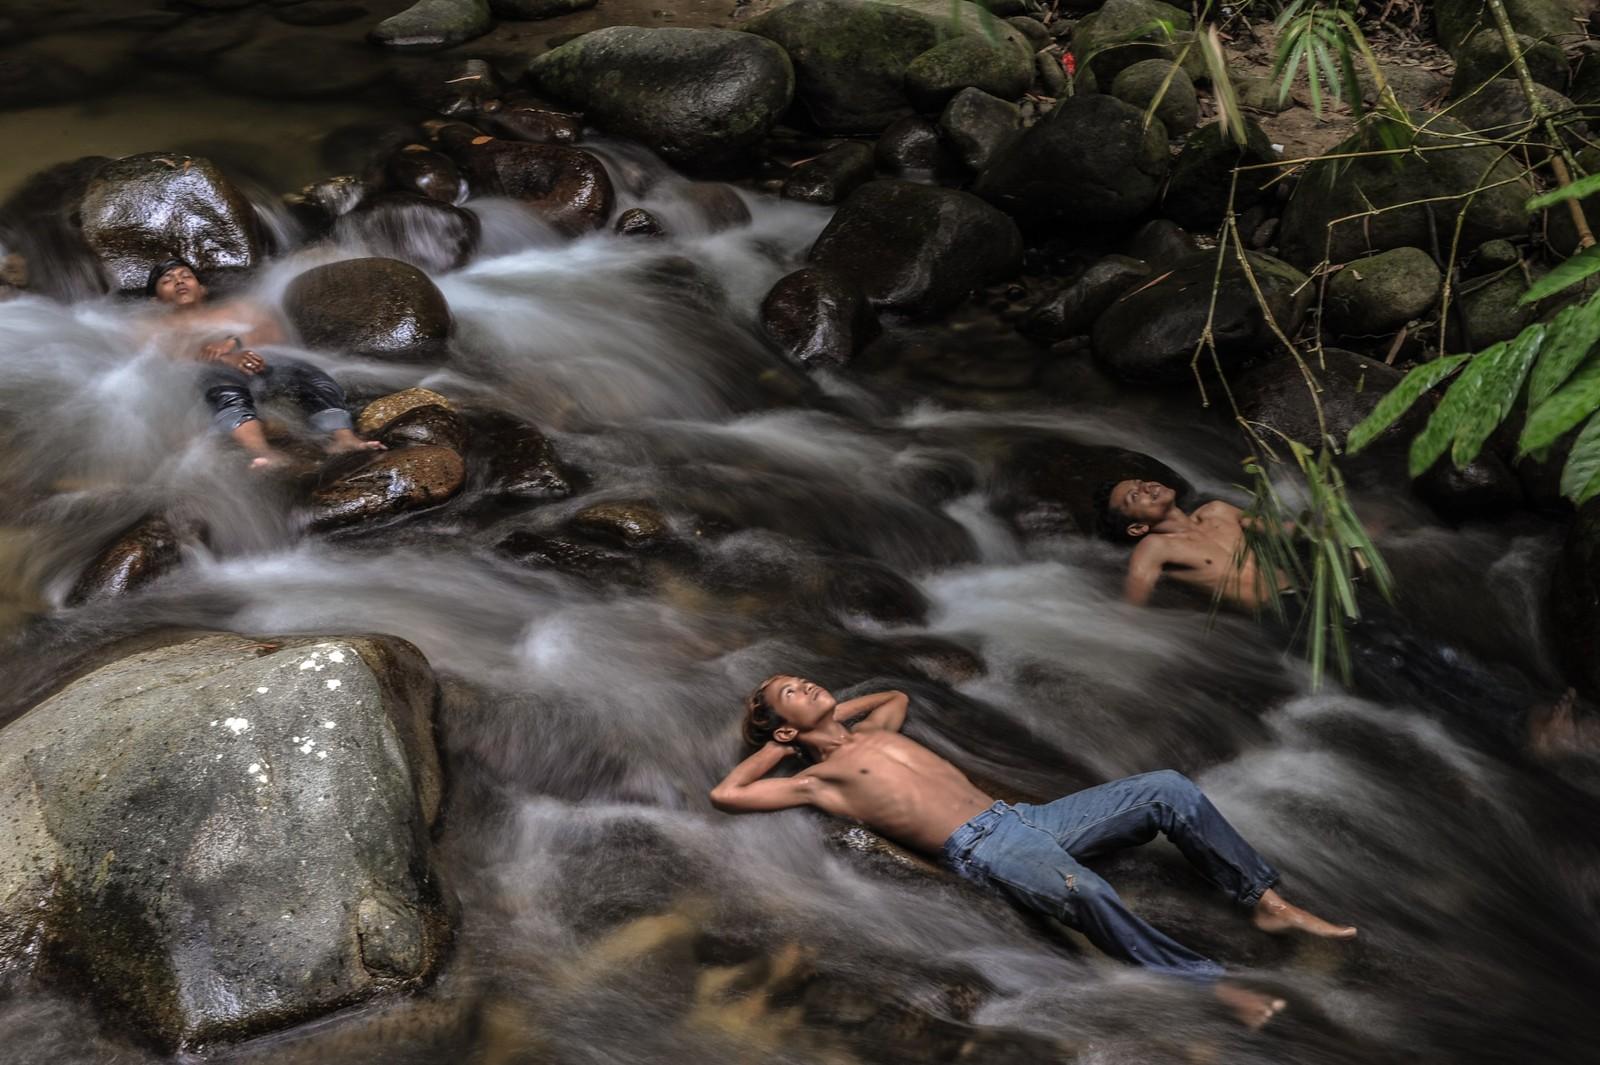 Disse ungdommene fra Hulu Langat i Malaysia kjøler seg ned i elv mens skolen deres er stengt. Malaysia, Singapore og store deler av Indonesia har i flere uker slitt med farlig røyk fra indonesiske plantasjer. Bøndene rydder land ved hjelp av ild, til tross for at dette er ulovlig. Utslippene fra disse jord- og skogbrannene gir mange innbyggere store helseproblemer.